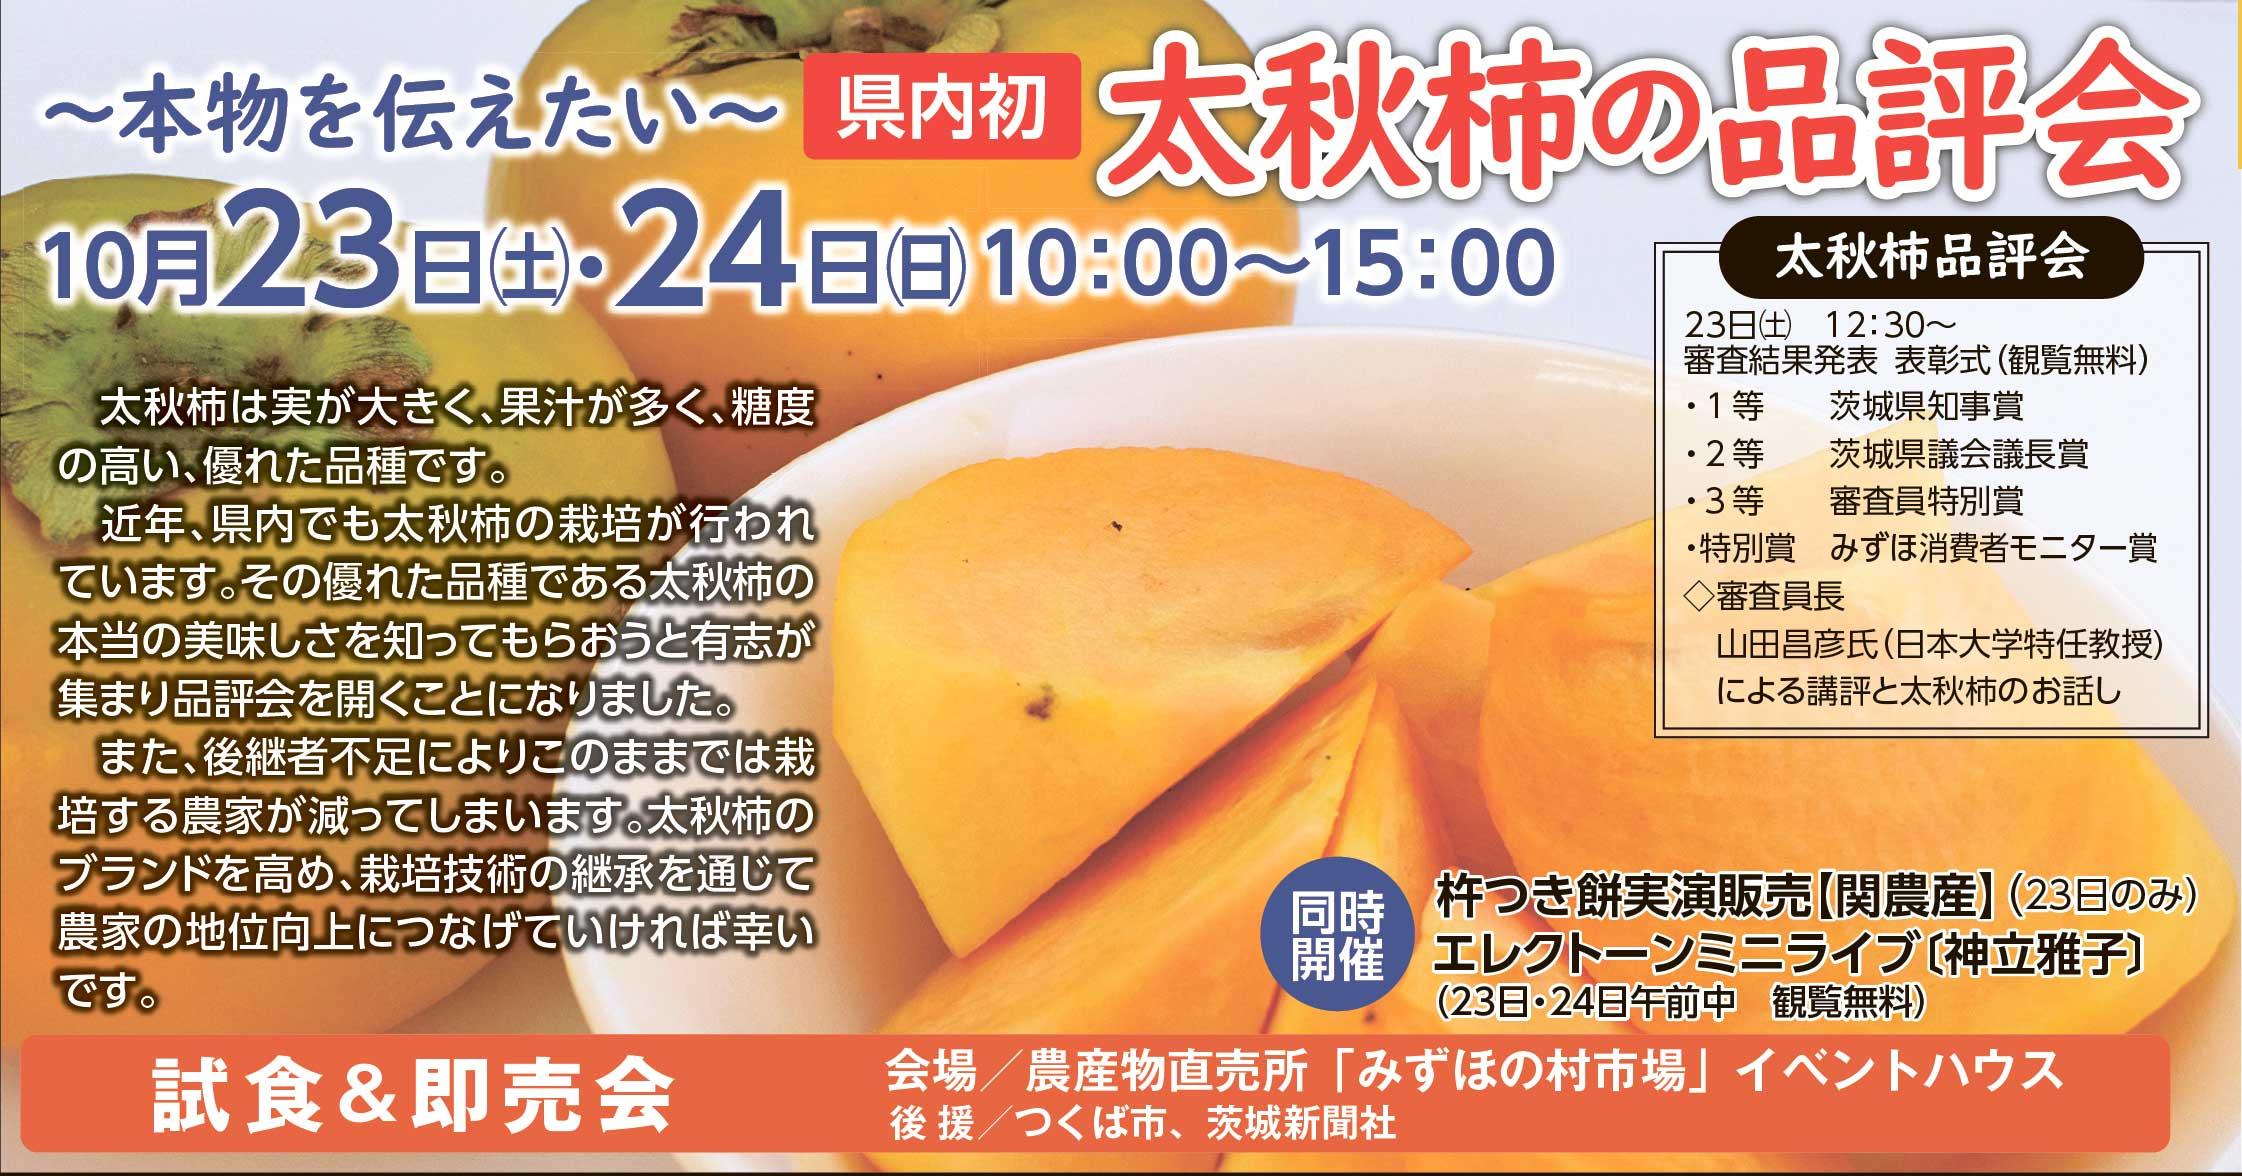 太秋柿イベント画像